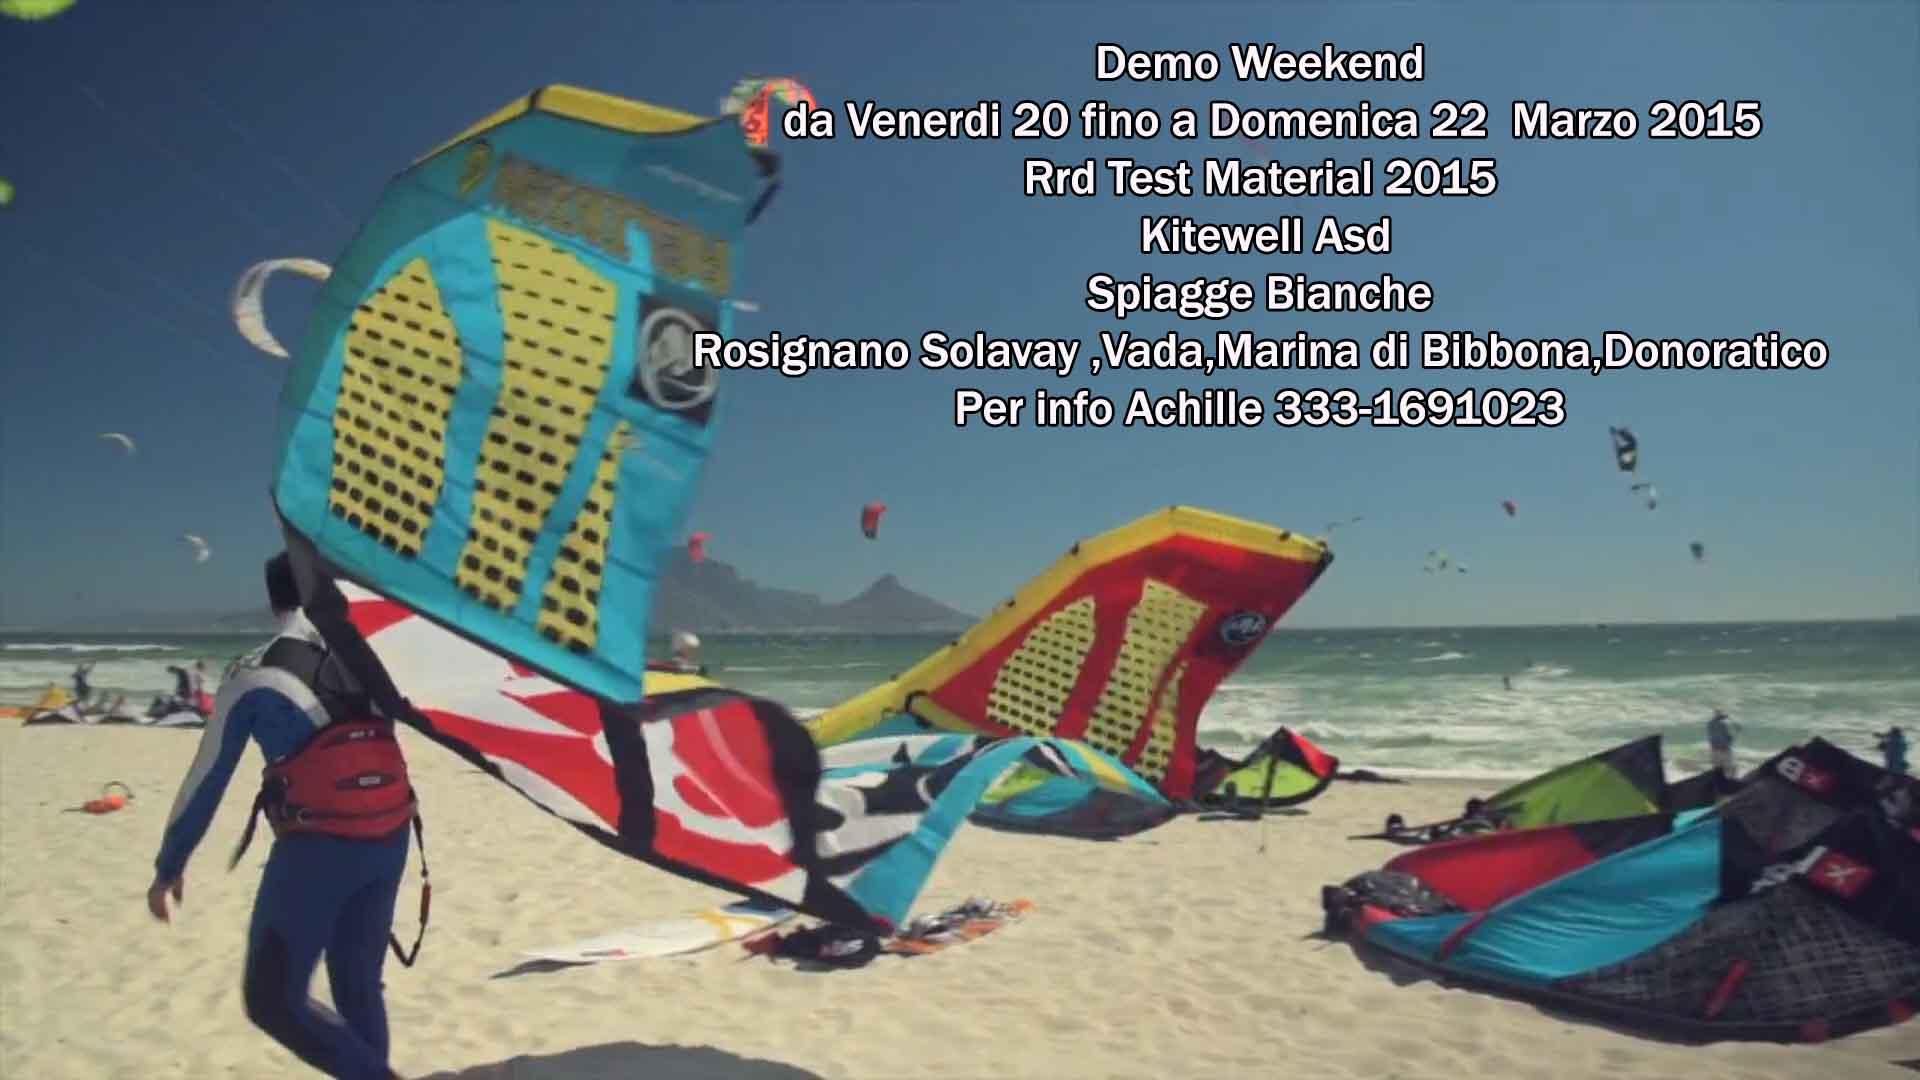 Kitesurf-demo-day-dimostrazione-materiali-test-day-eventorrd-2015-rrd-materiali-vada-spaigge-bianche-scuola-kite1